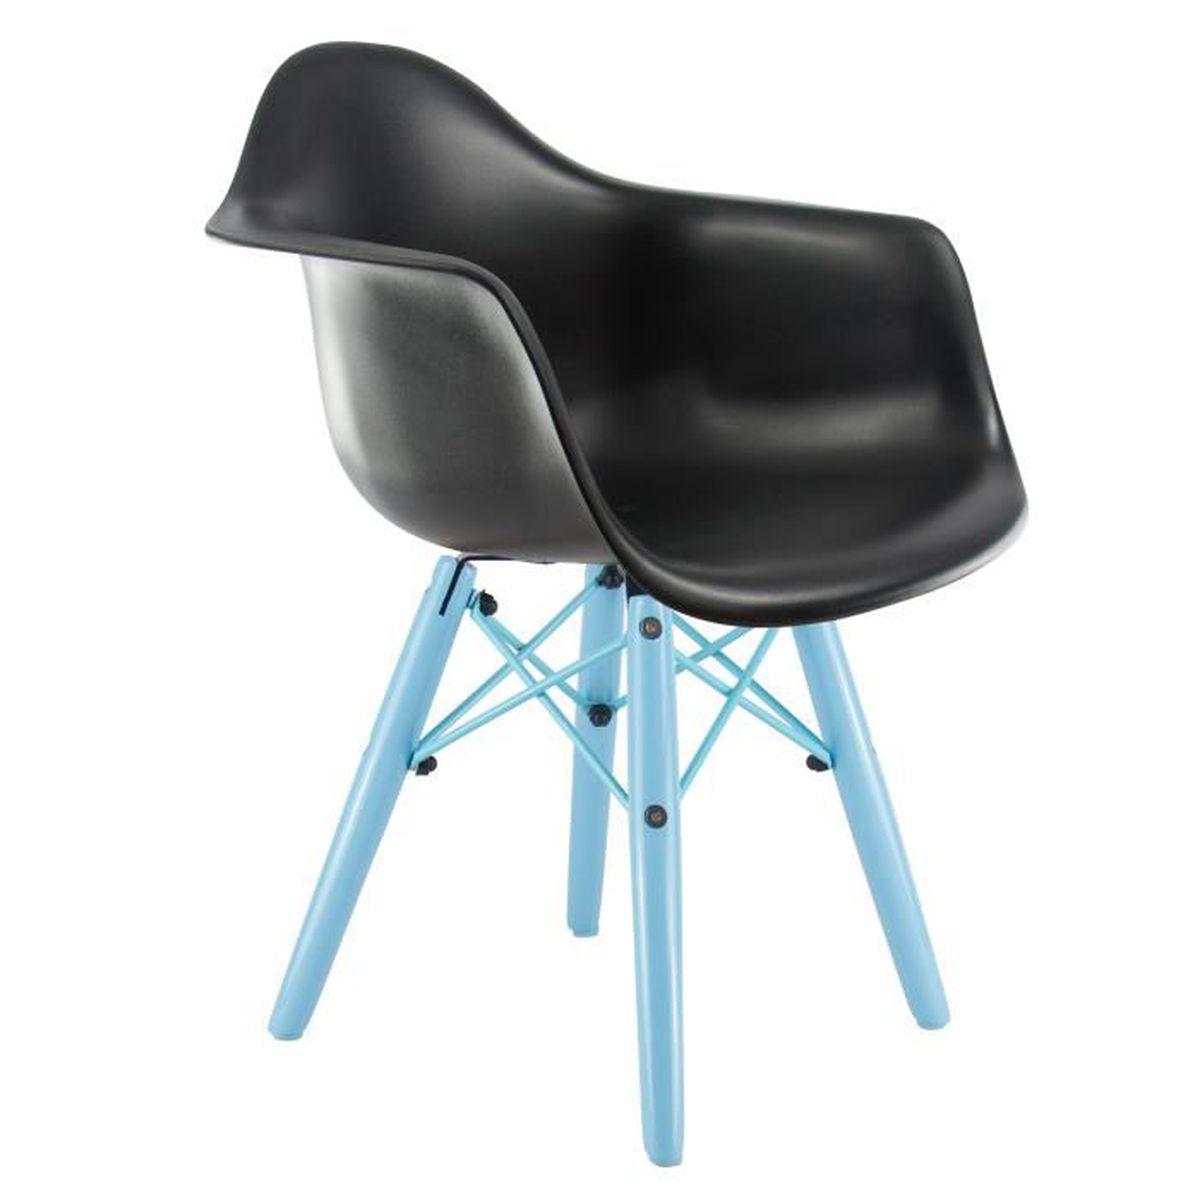 chaise privee chaise enfant daw color e noir bleu achat vente chaise cdiscount. Black Bedroom Furniture Sets. Home Design Ideas